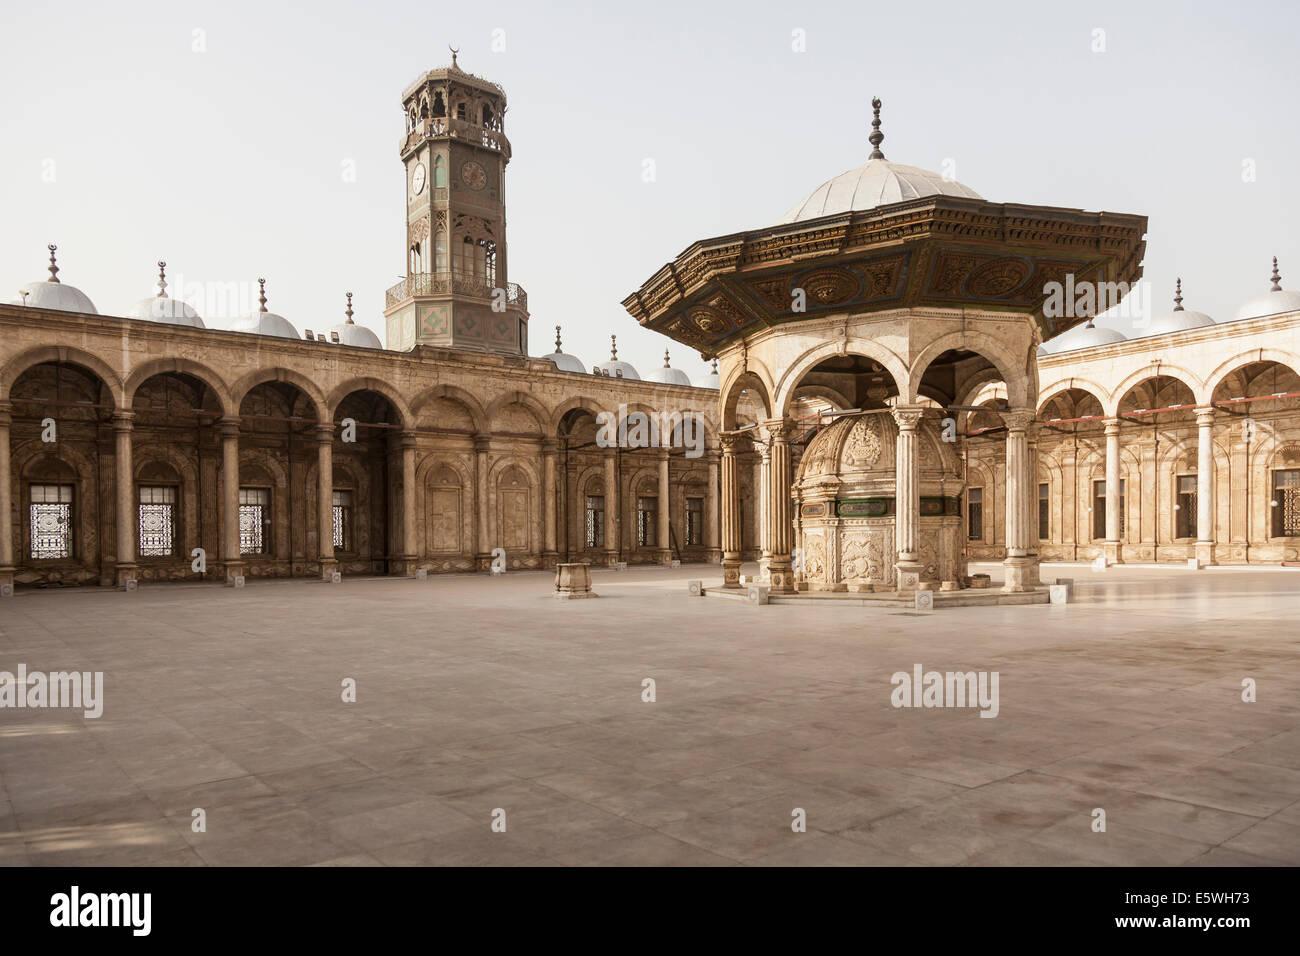 Cour intérieure et tour de l'horloge, Mosquée d'Albâtre / Mosquée de Muhammad Ali Pacha Photo Stock